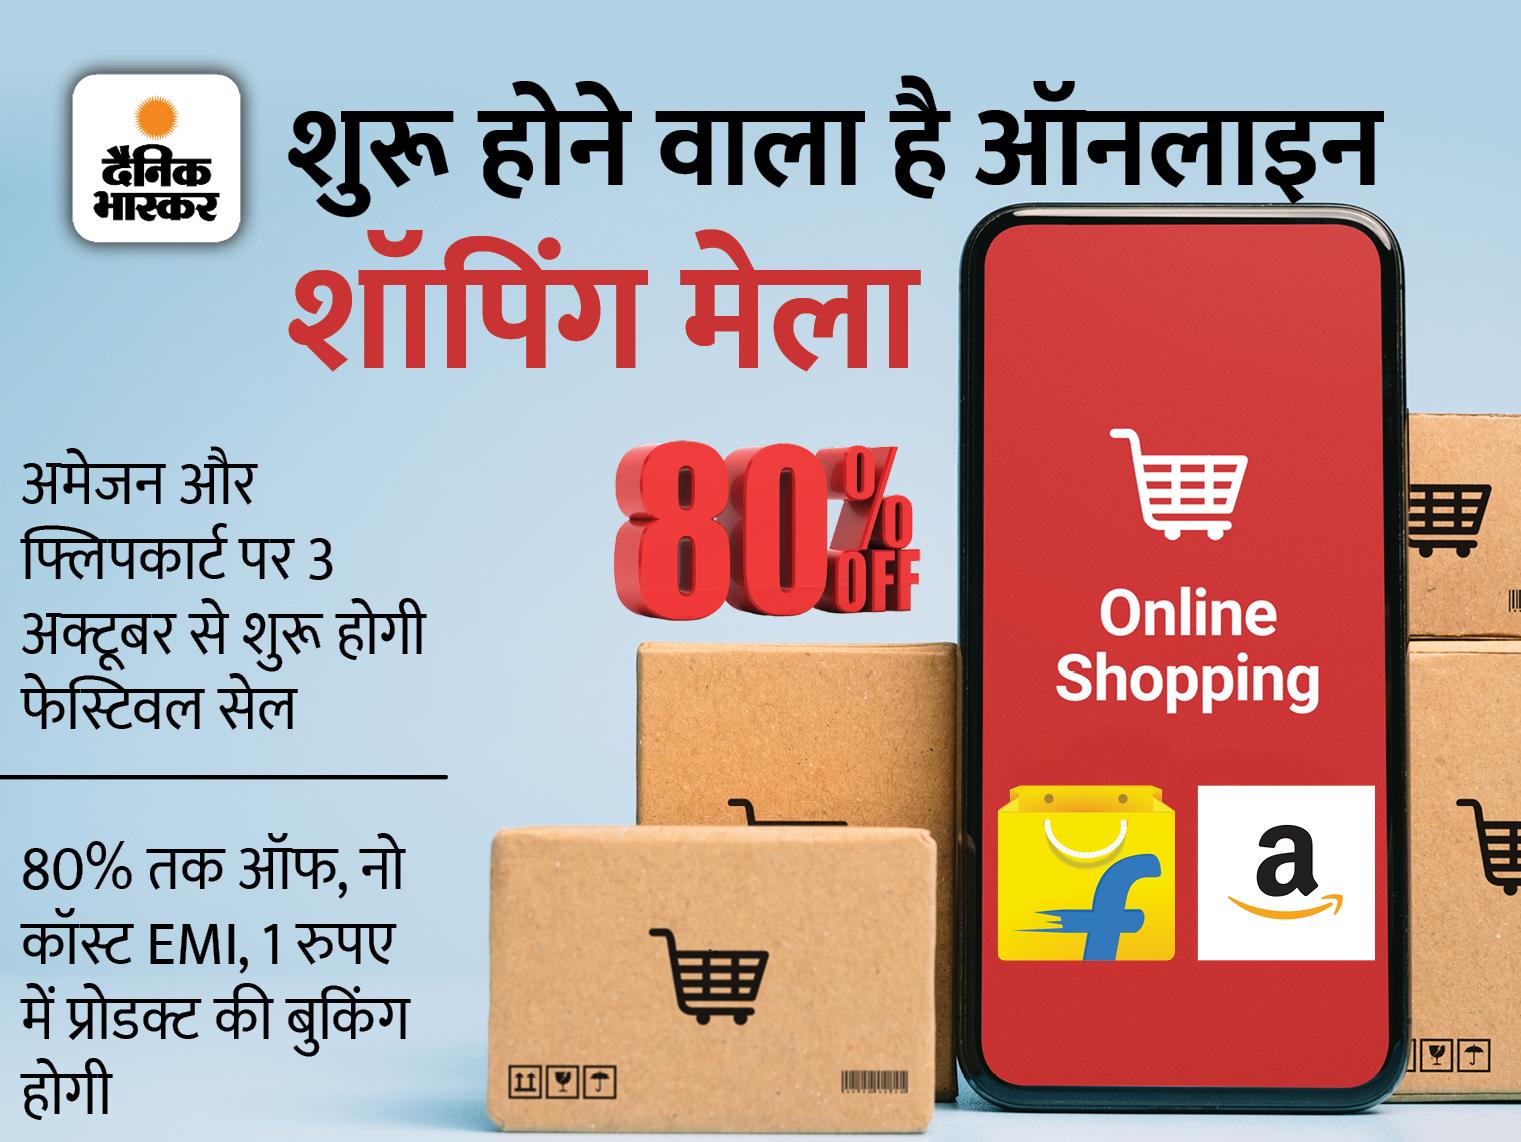 फेस्टिवल शॉपिंग के लिए कौन ज्यादा बेहतर? ऑनलाइन शॉपिंग से जुड़ी 12 जरूरी बातें और इससे होने वाले नुकसान; यहां जानिए सब कुछ|टेक & ऑटो,Tech & Auto - Dainik Bhaskar